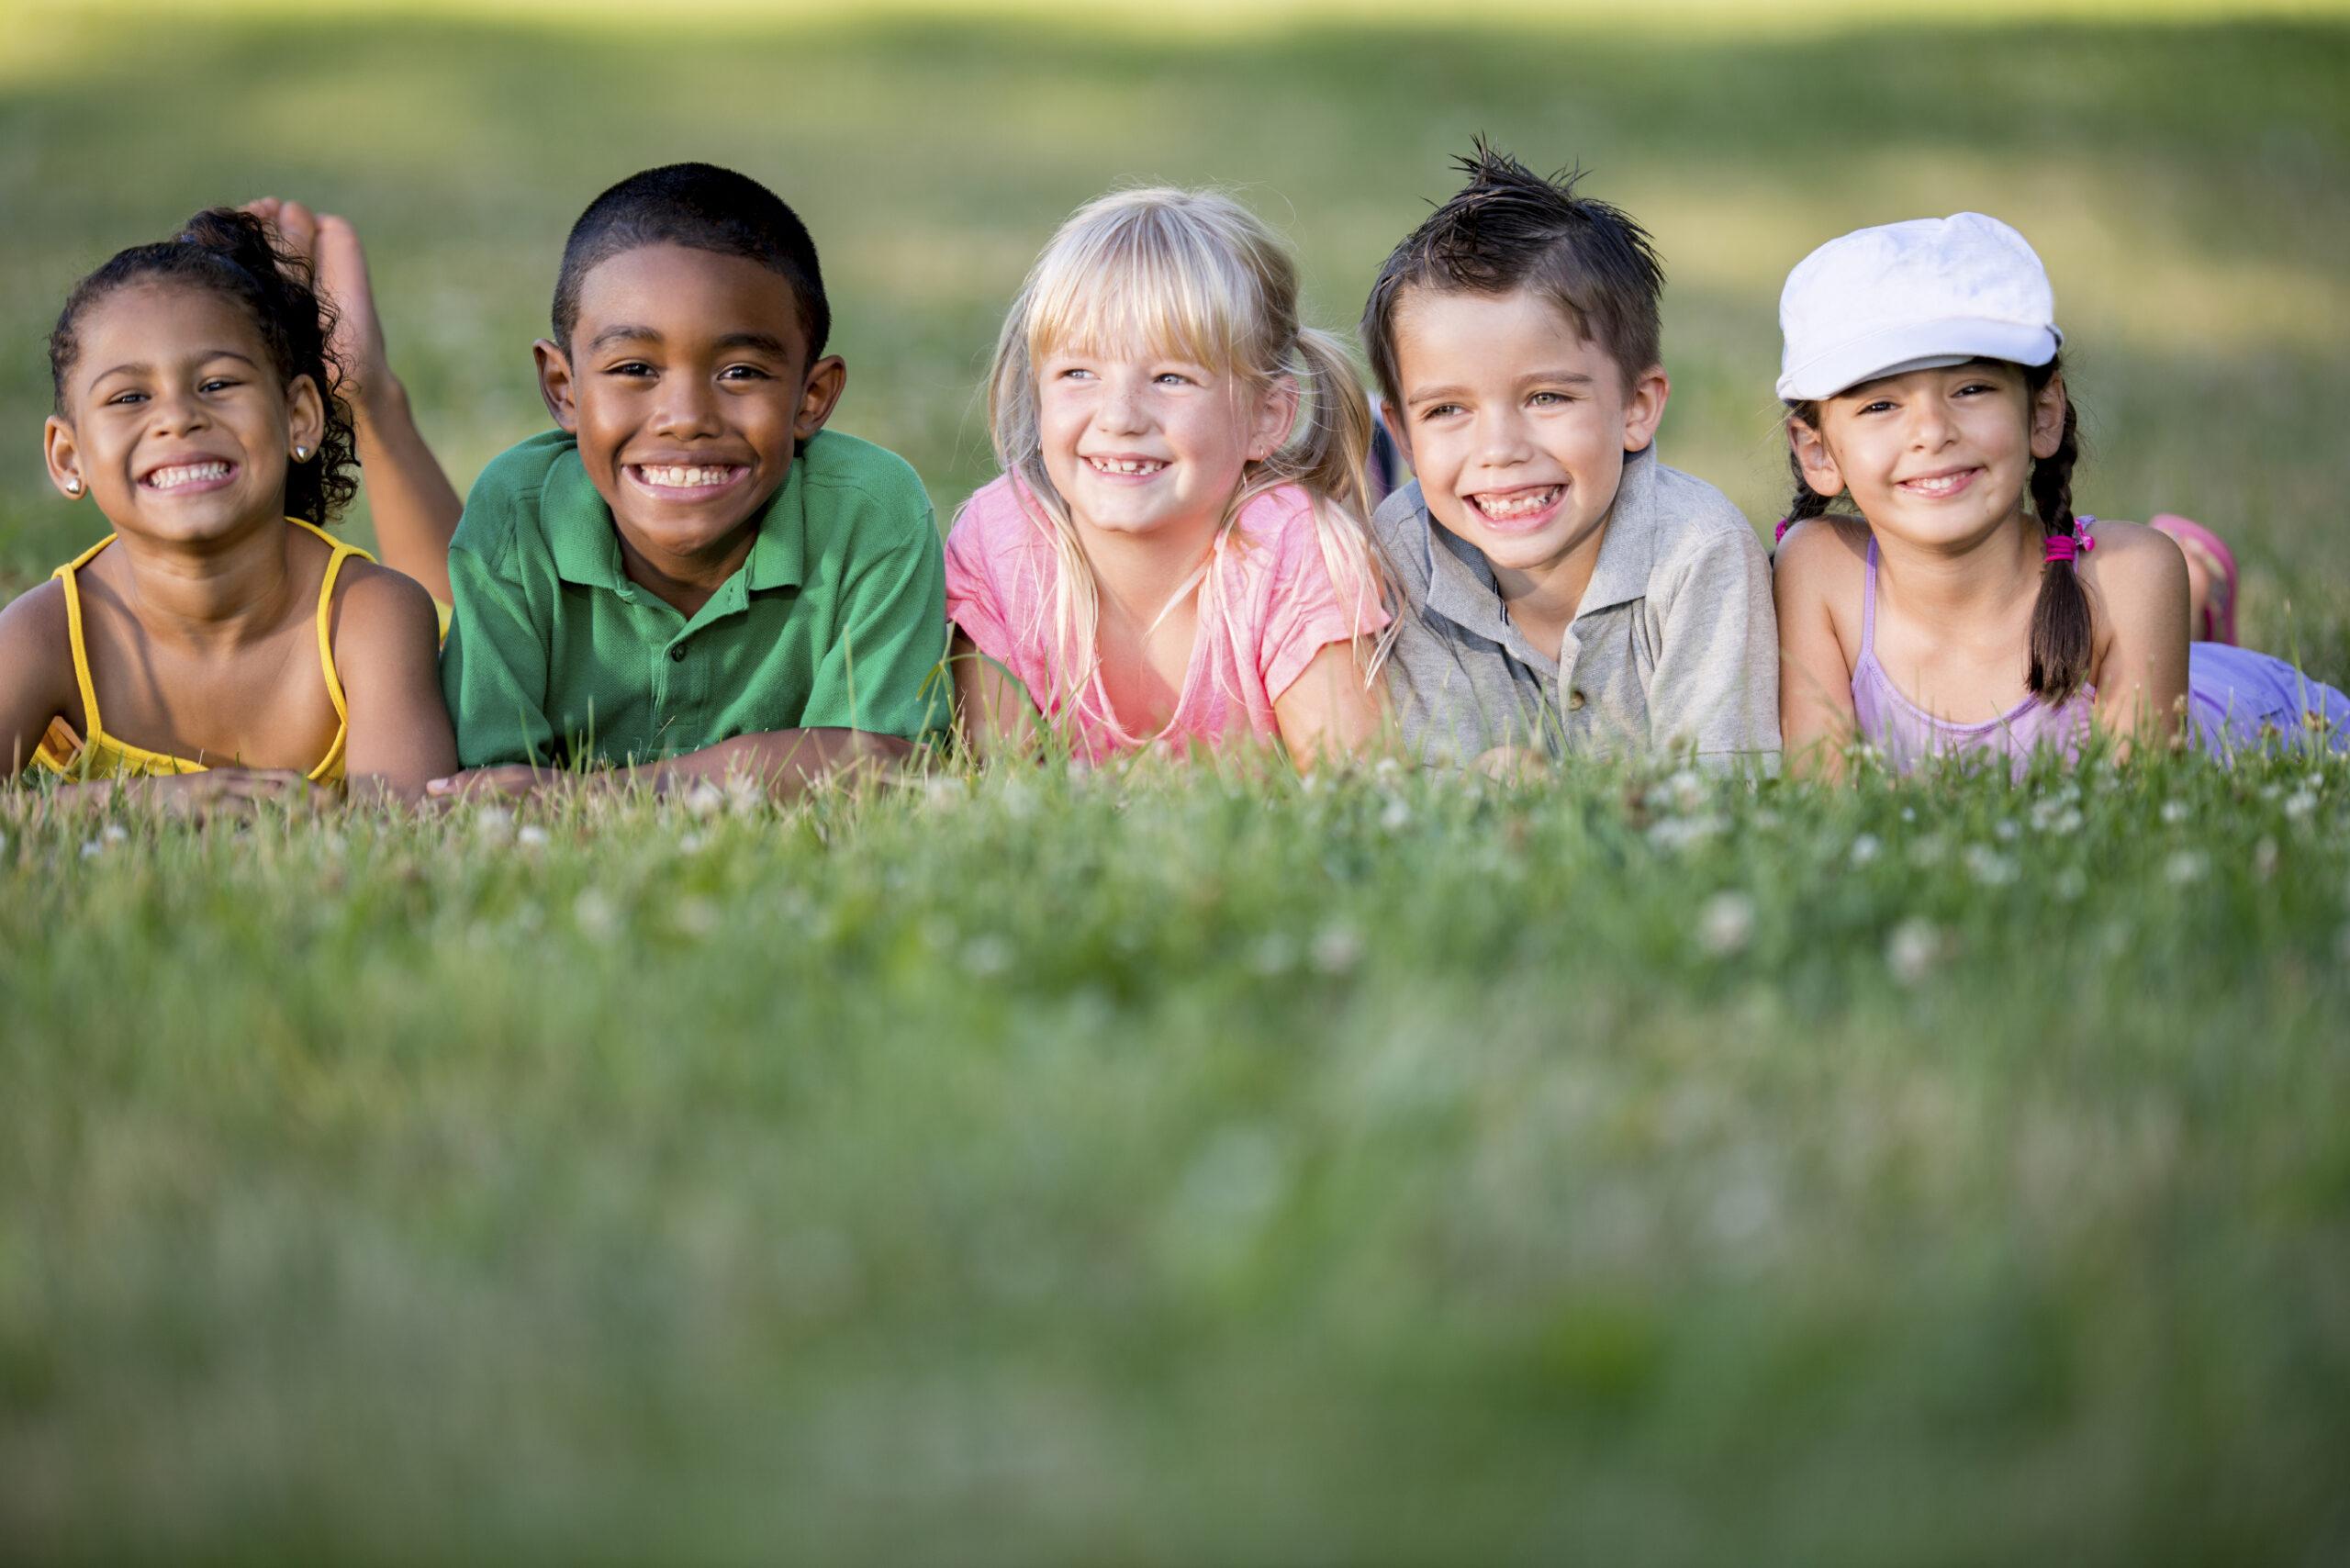 Kinder liegen auf dem Rasen und lachen freundlich in die Kamera